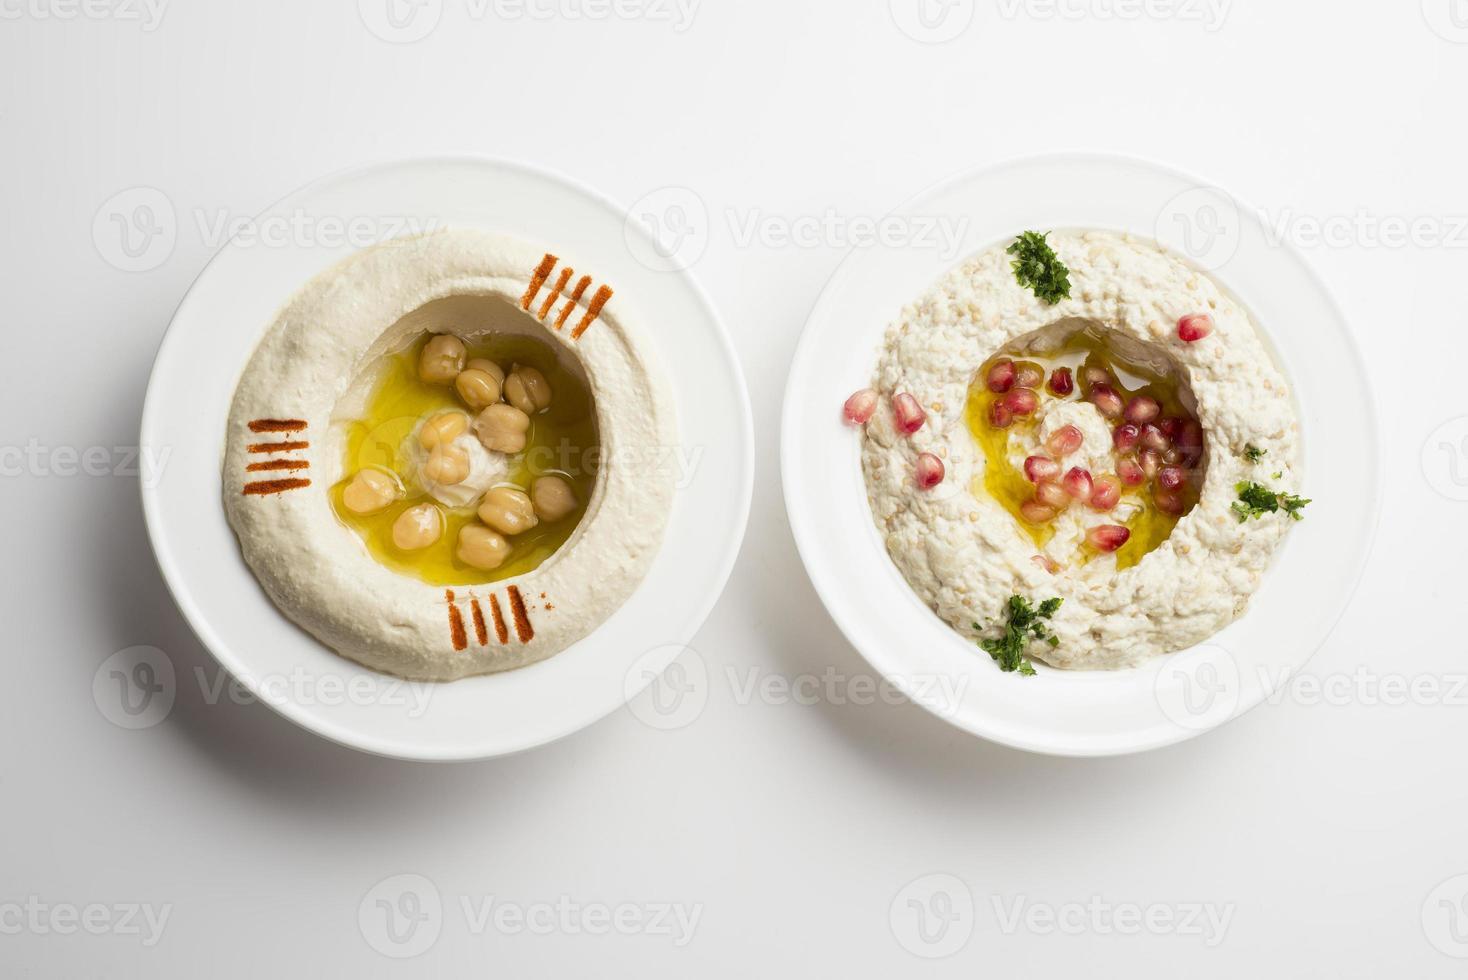 comida libanesa de hommos & mtabbal isolado no branco foto